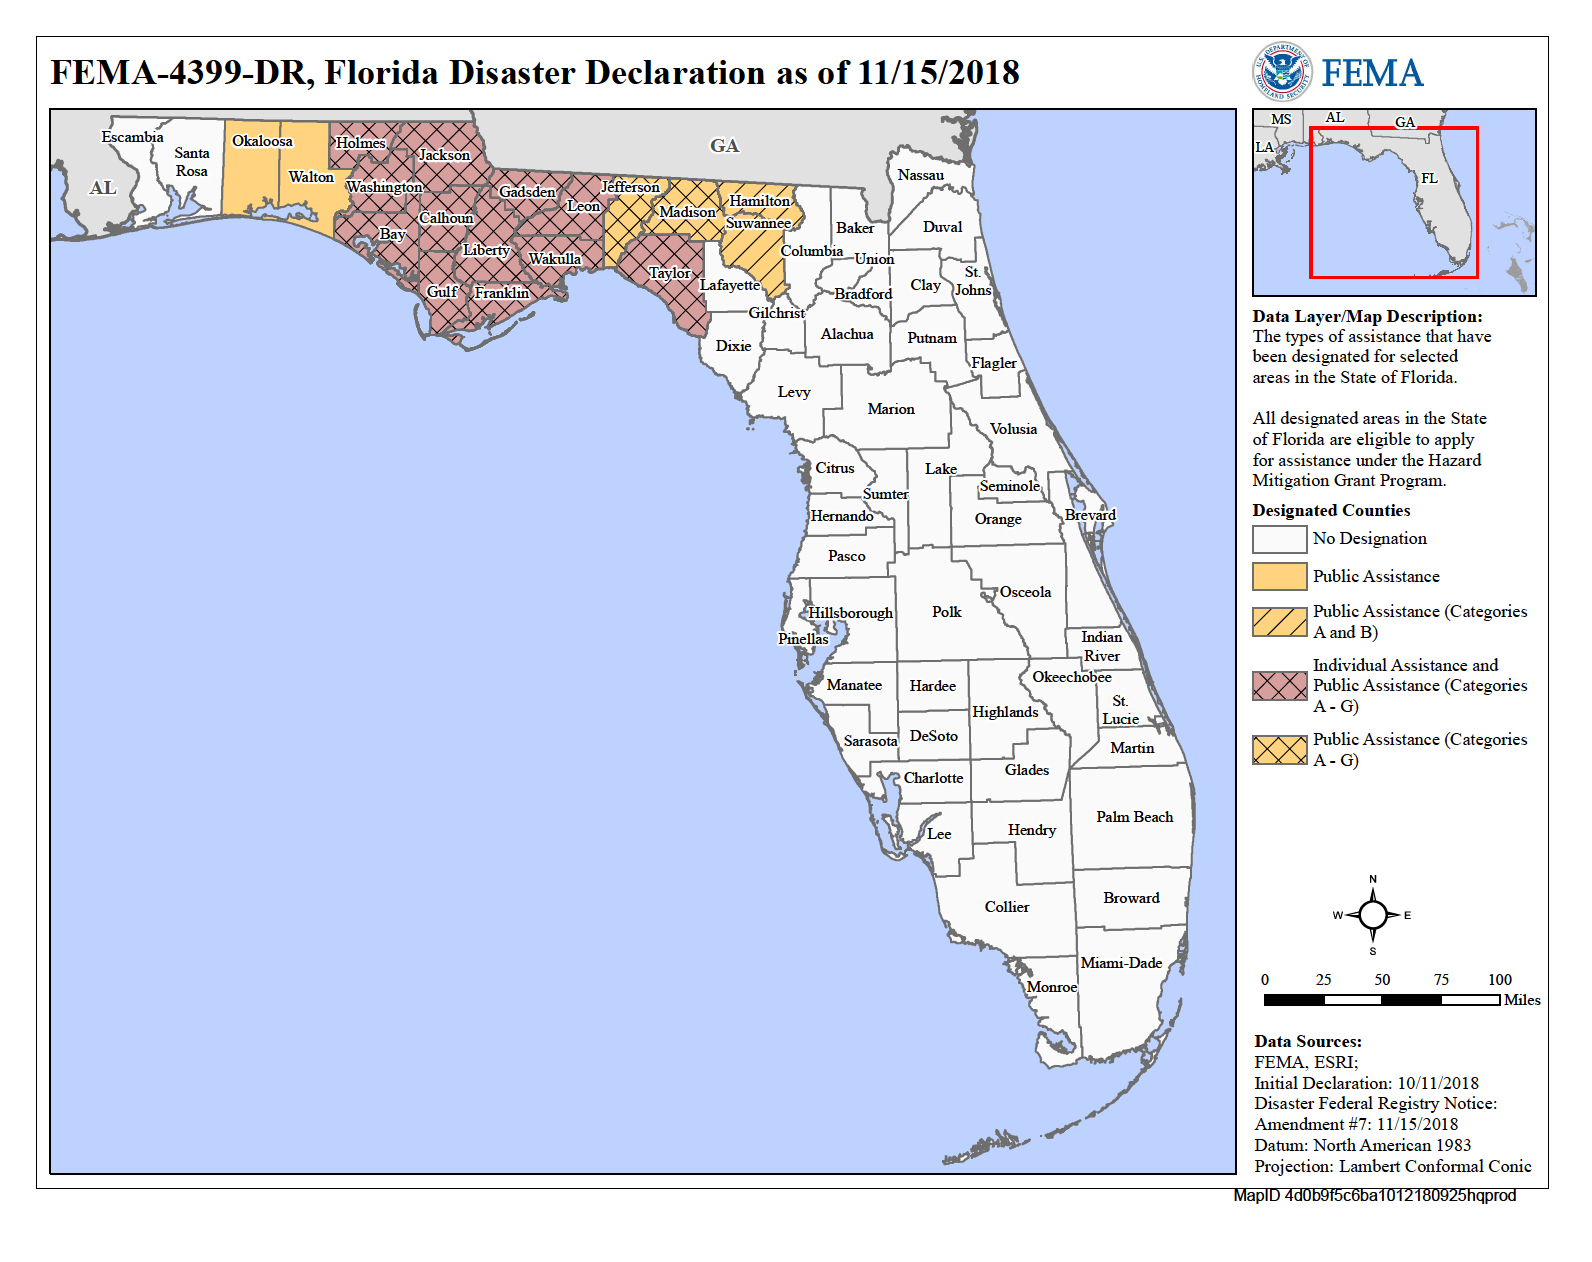 Florida Hurricane Michael (Dr-4399) | Fema.gov - Florida City Gas Service Area Map